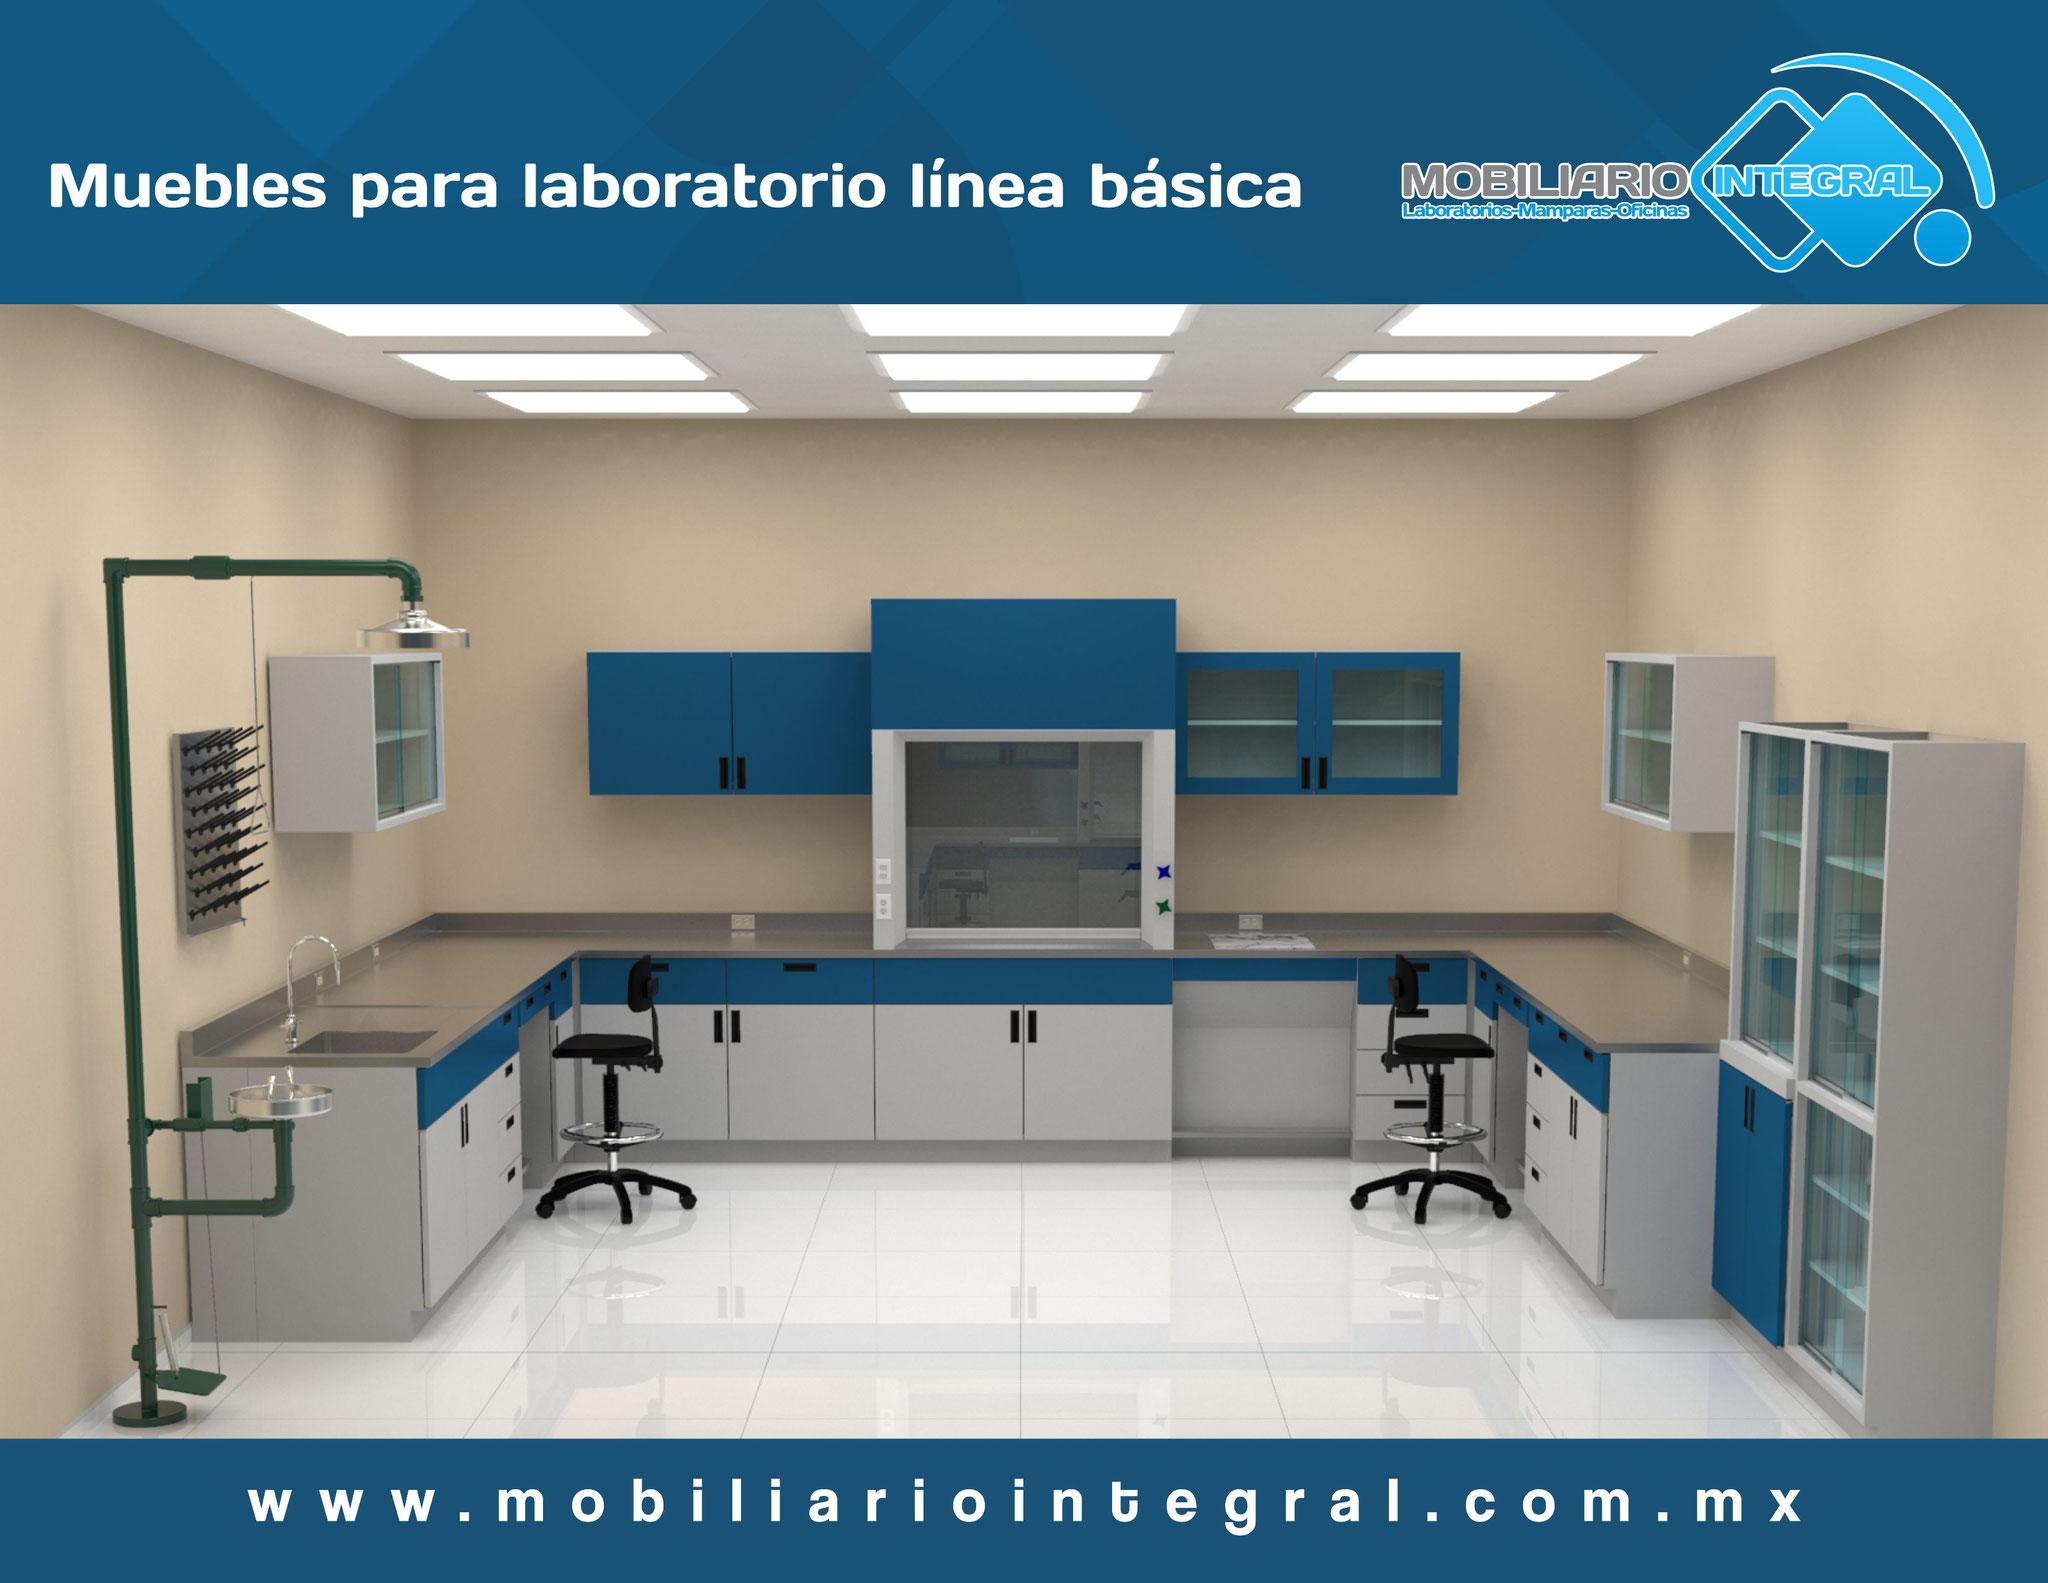 Muebles para laboratorio en Saltillo